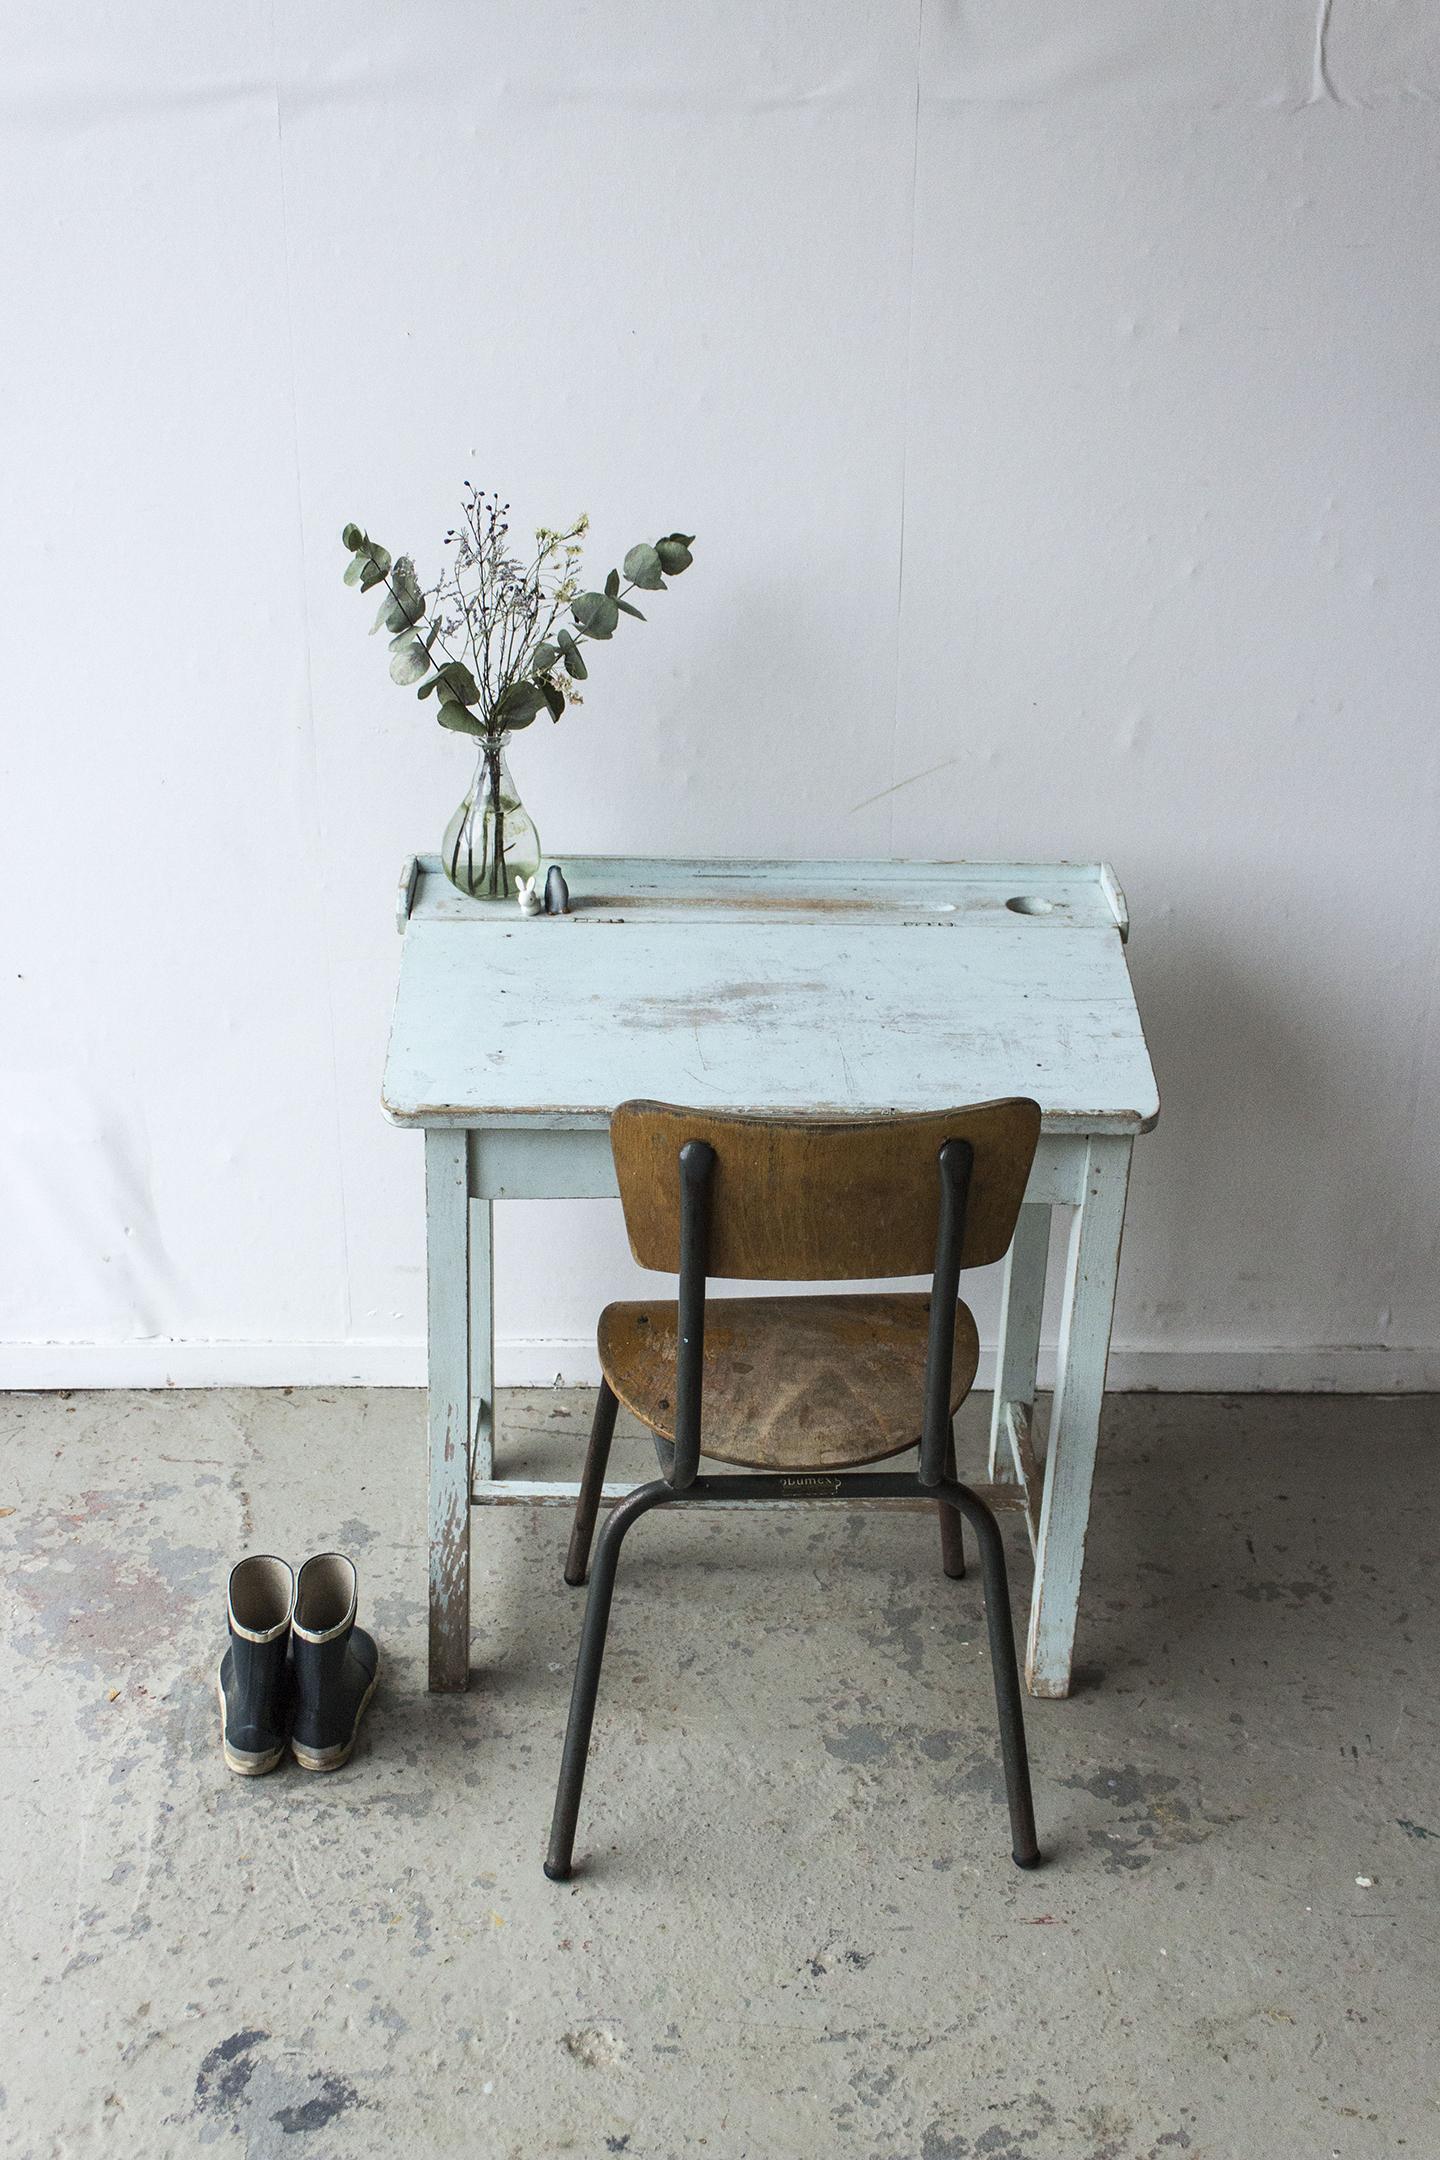 3162 - Lichtblauw vintage kleutertafeltje - Firma zoethout_2.jpg